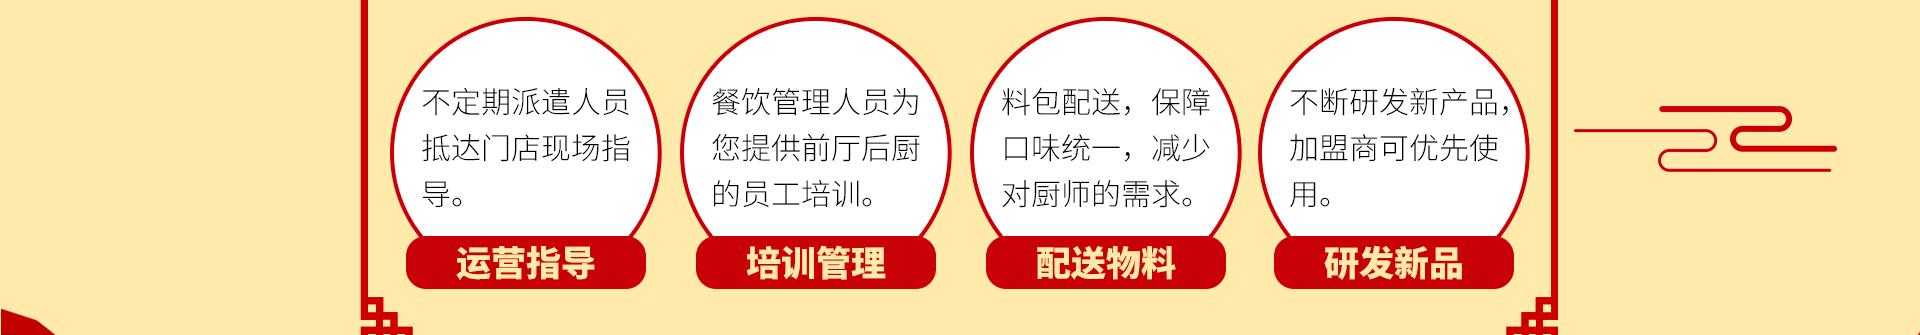 关中秦味老碗面gzqw_27